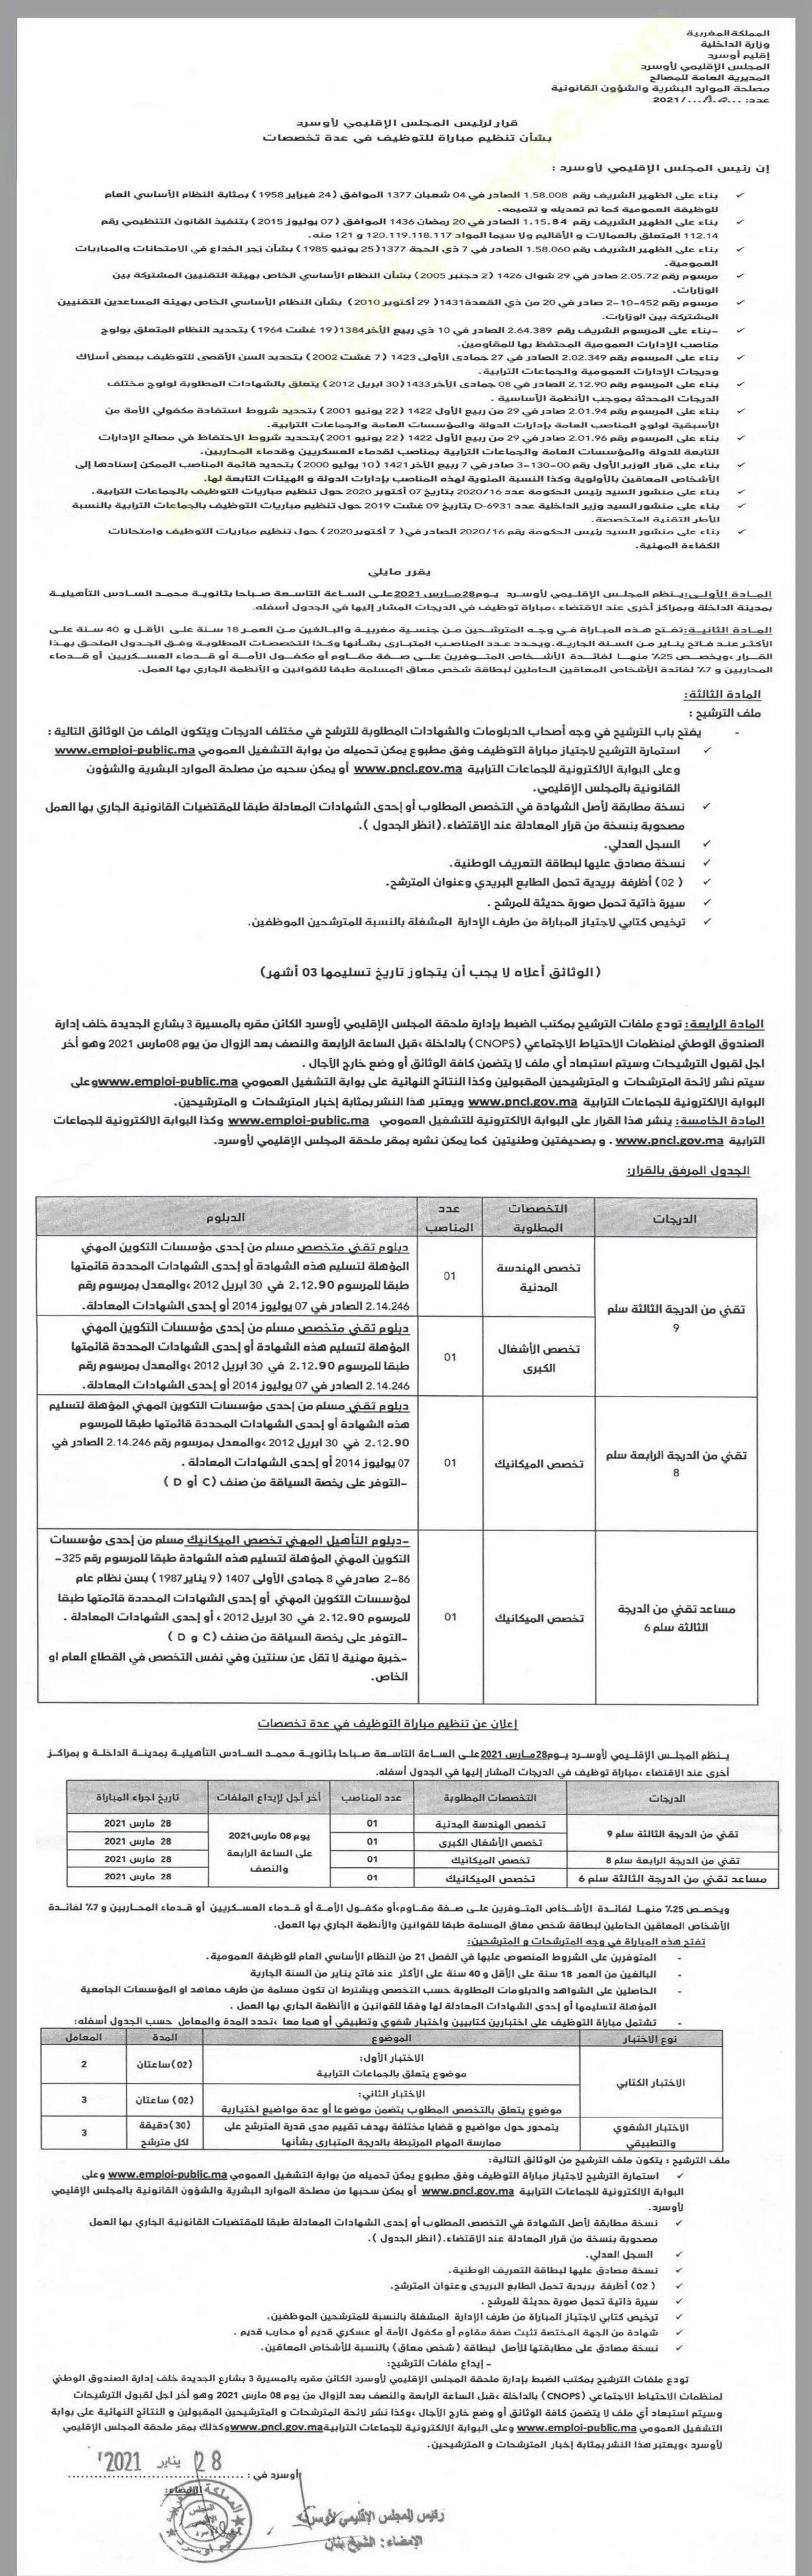 مباراة توظيف بالمجلس الاقليمي لأوسرد في عدة مناصب آخر أجل لإيداع الترشيحات 8 مارس 2021 Aaya_a13